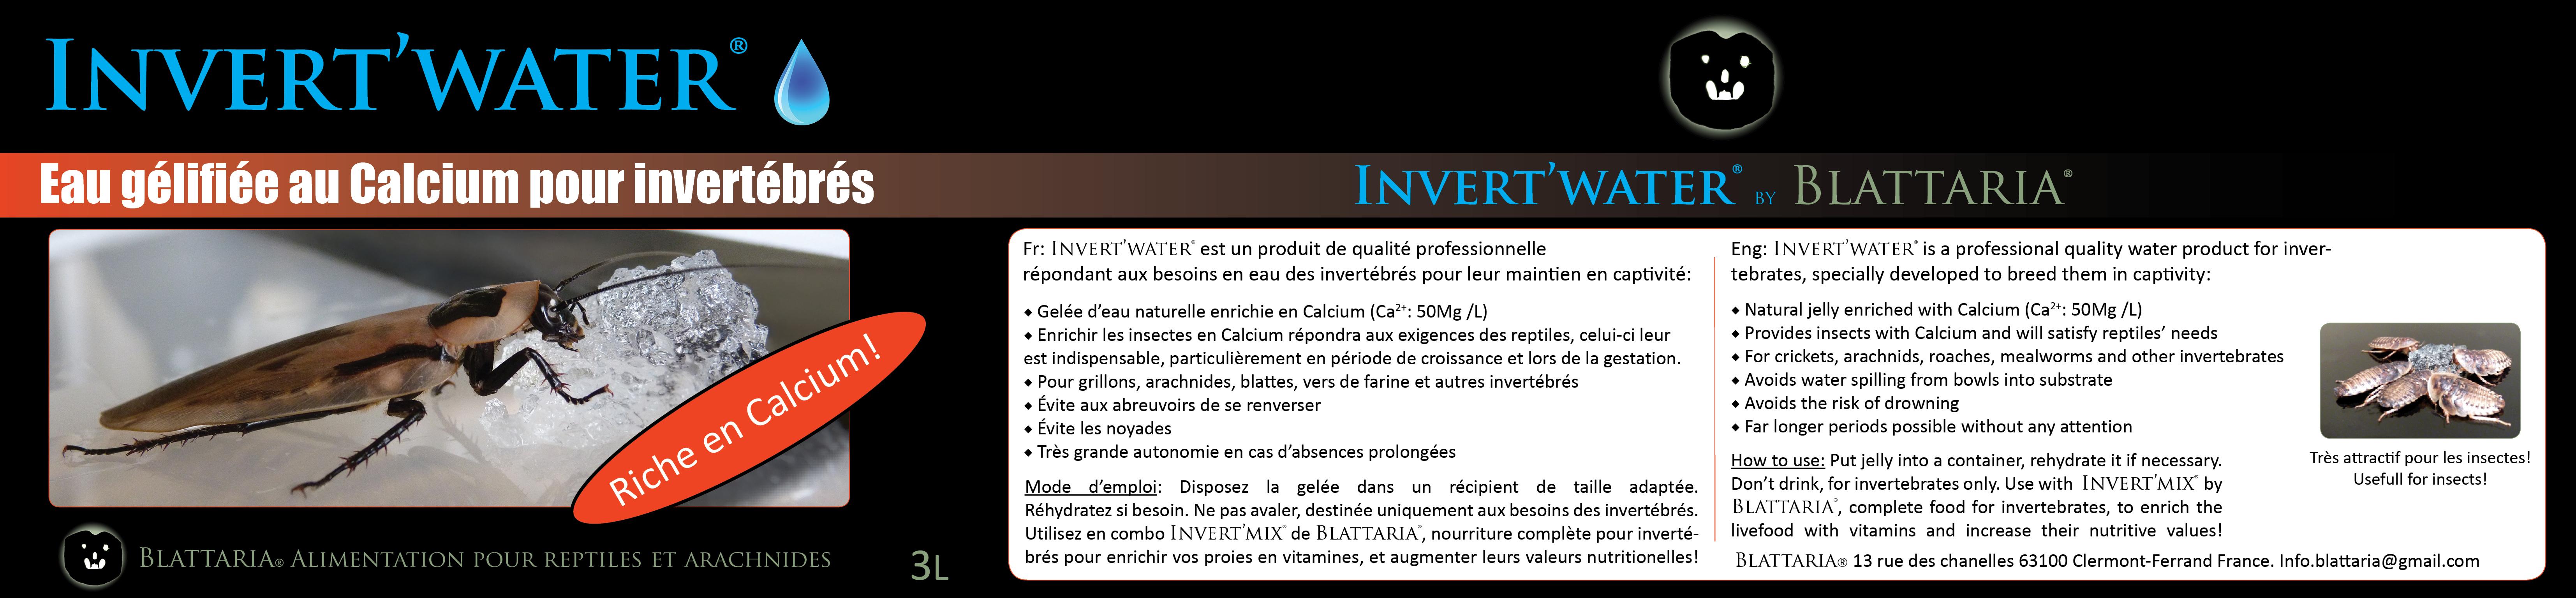 Invert-water calcium-Invert-water-eau-gelifiée-hydrater-insectes-reptiles-blattes-grillon-gelée-economique